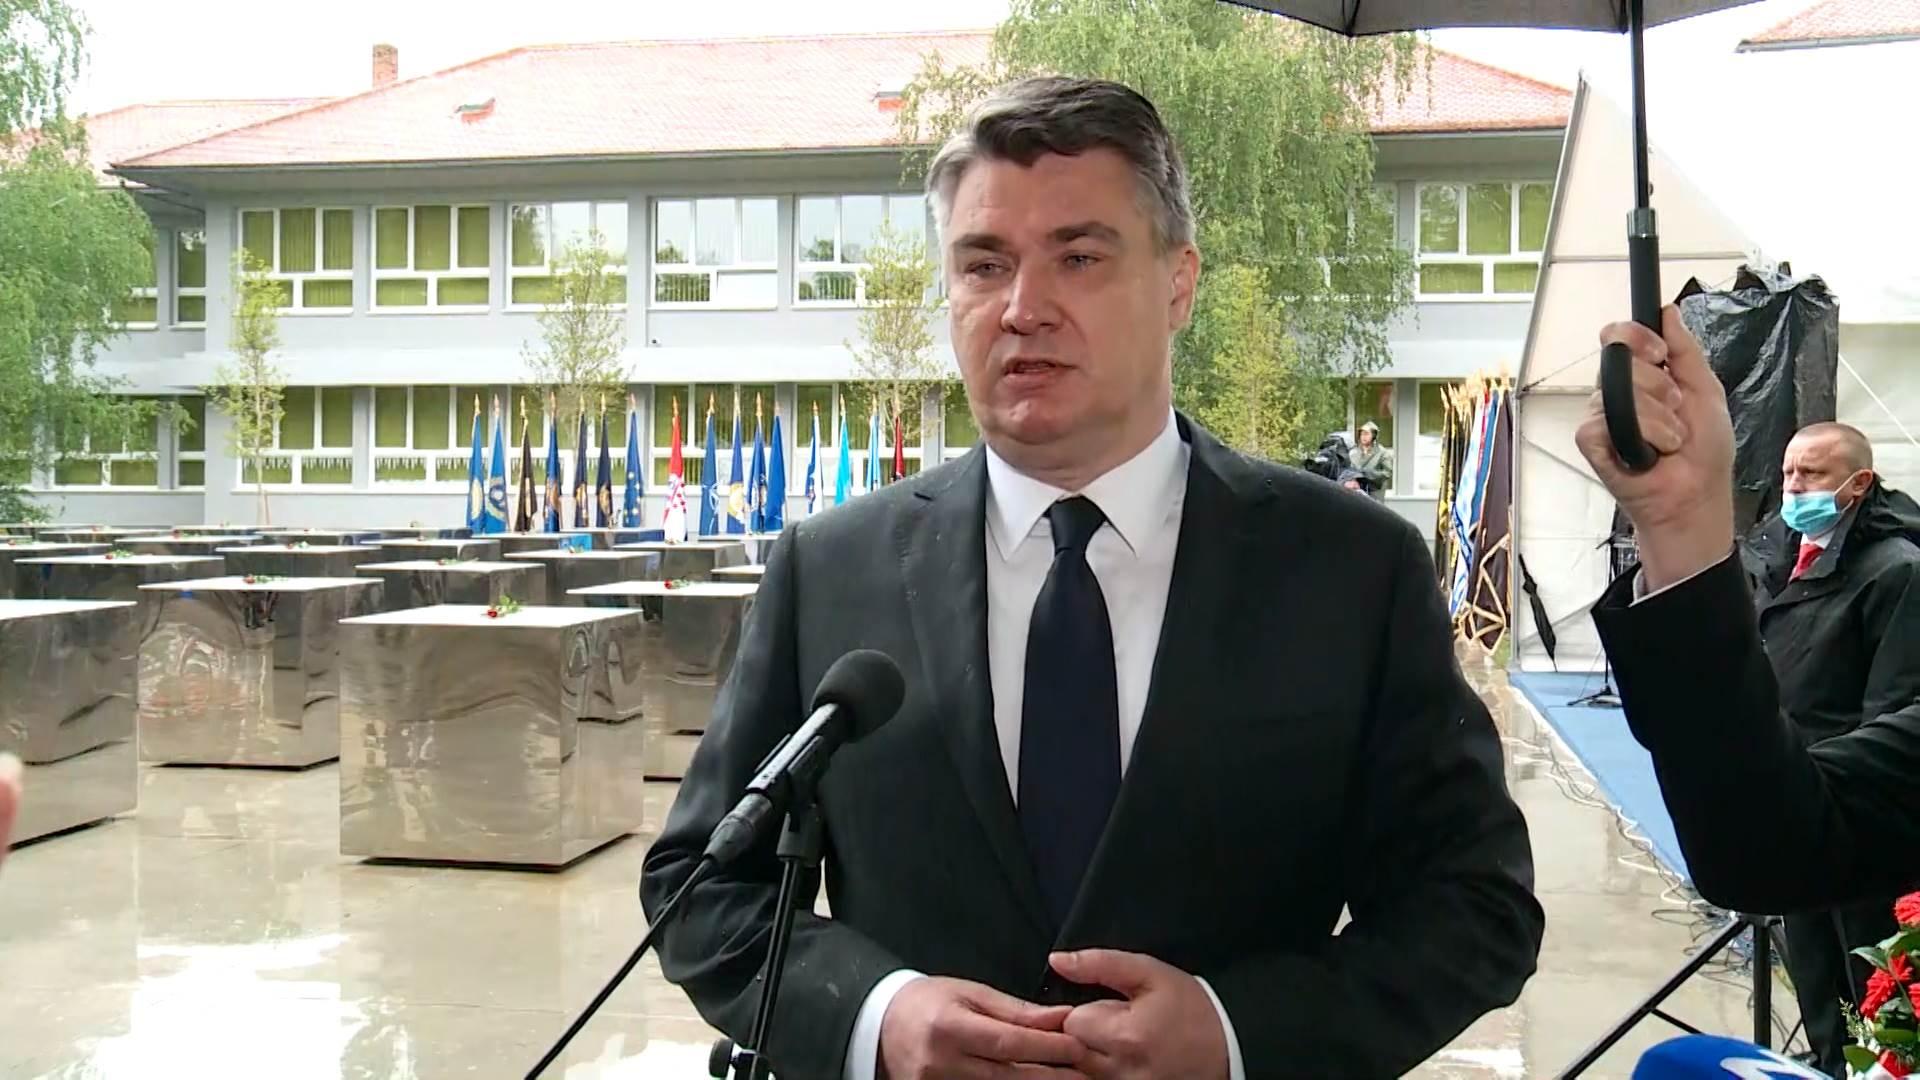 Milanović se oglasio o incidentu: Nekada neke stvari morate reći jasno!